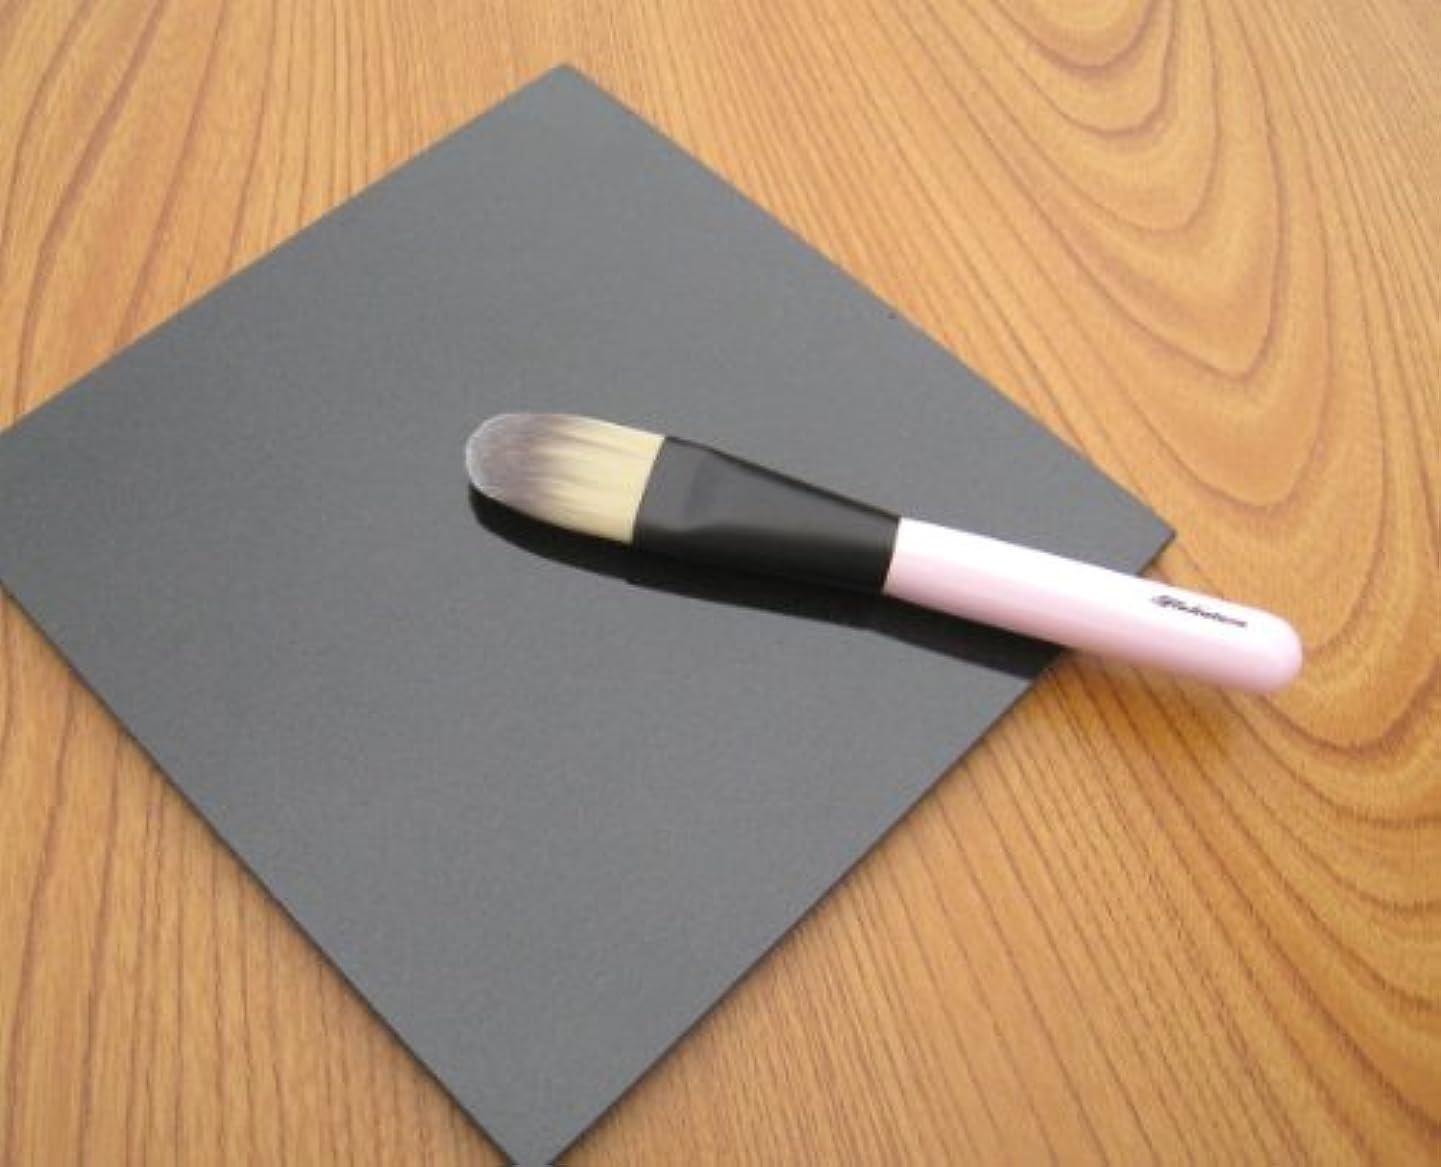 きつく申し立てる影響力のある熊野筆 北斗園 PKシリーズ リキッドファンデーションブラシ